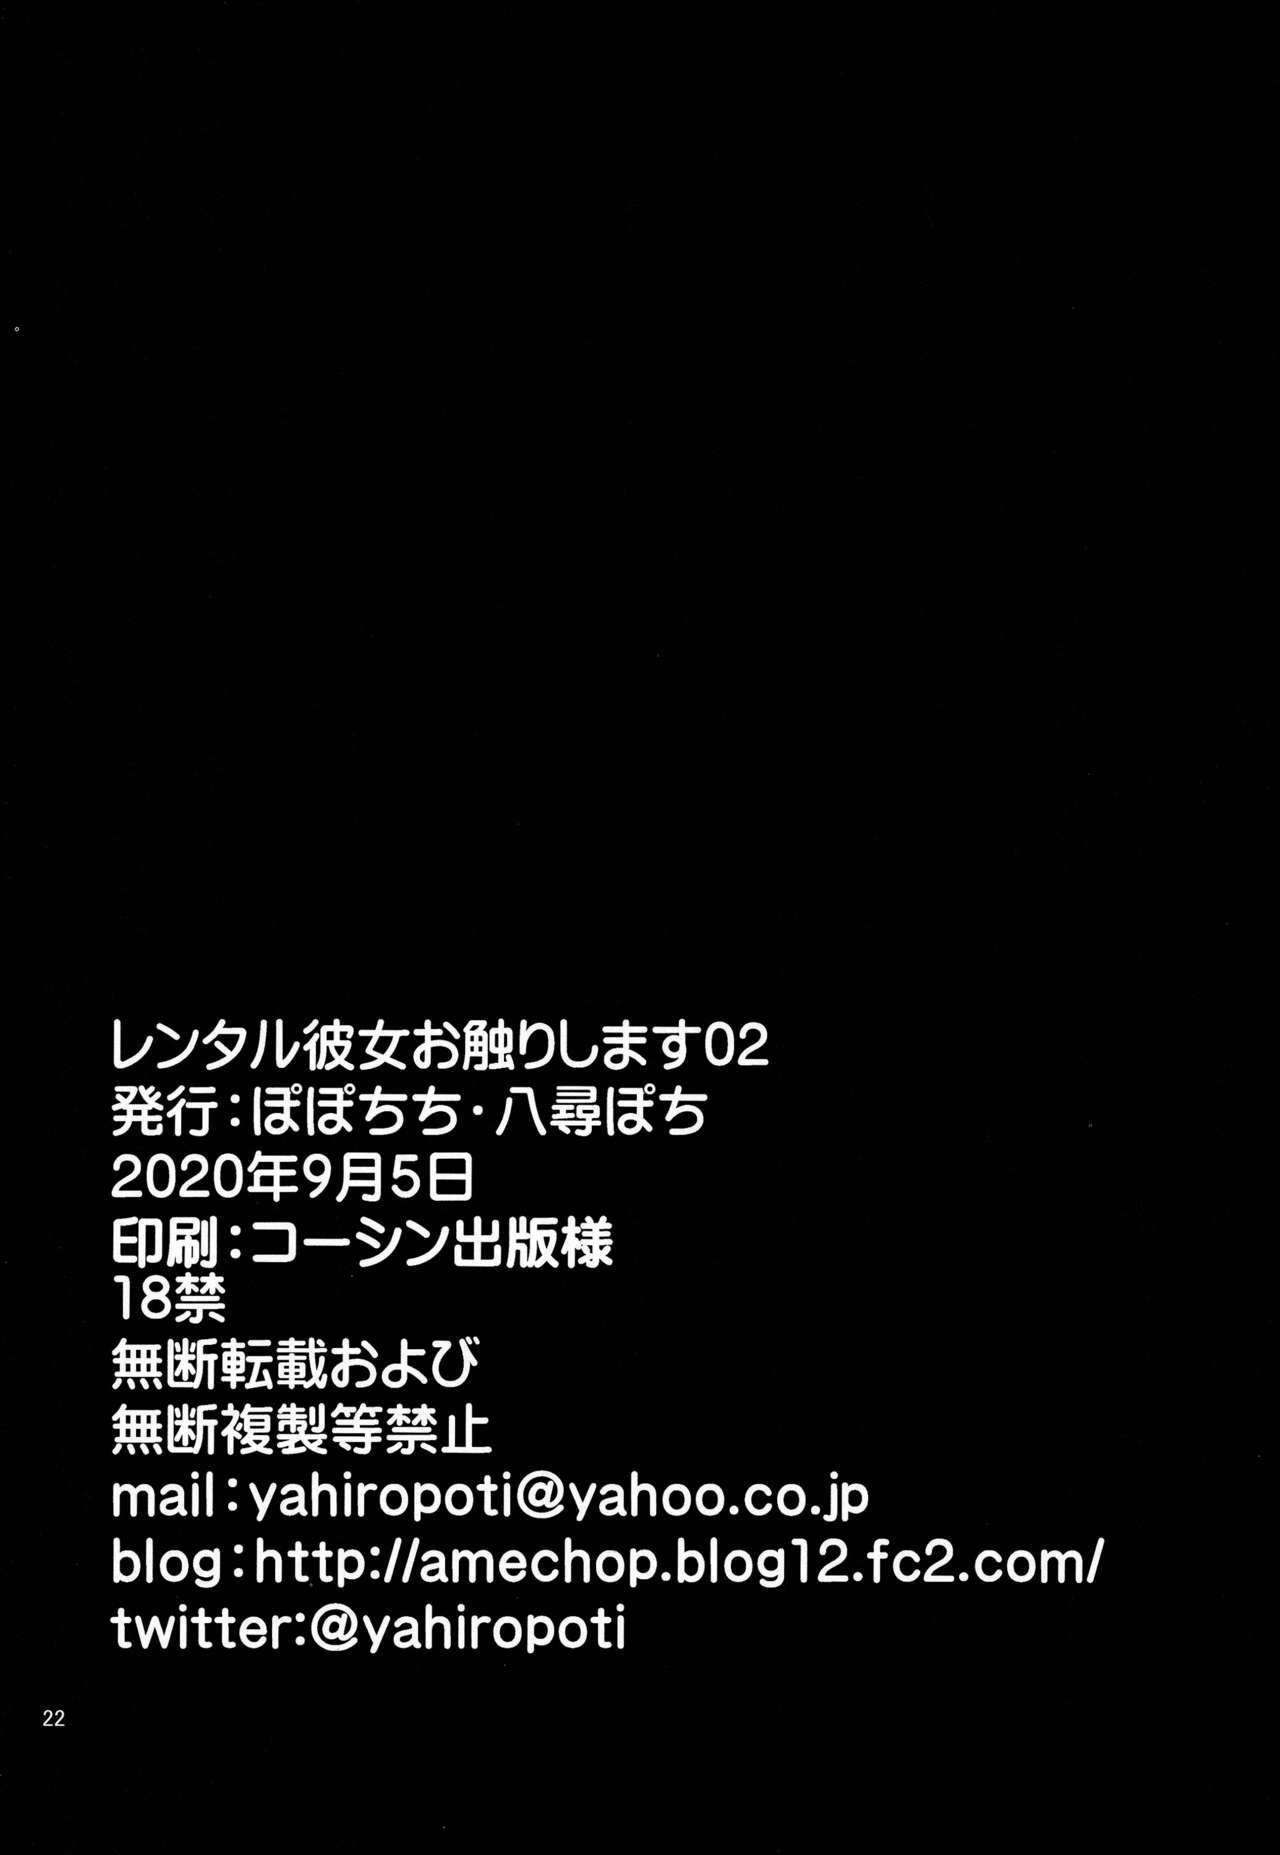 Rental Kanojo Osawari Shimasu 02 21